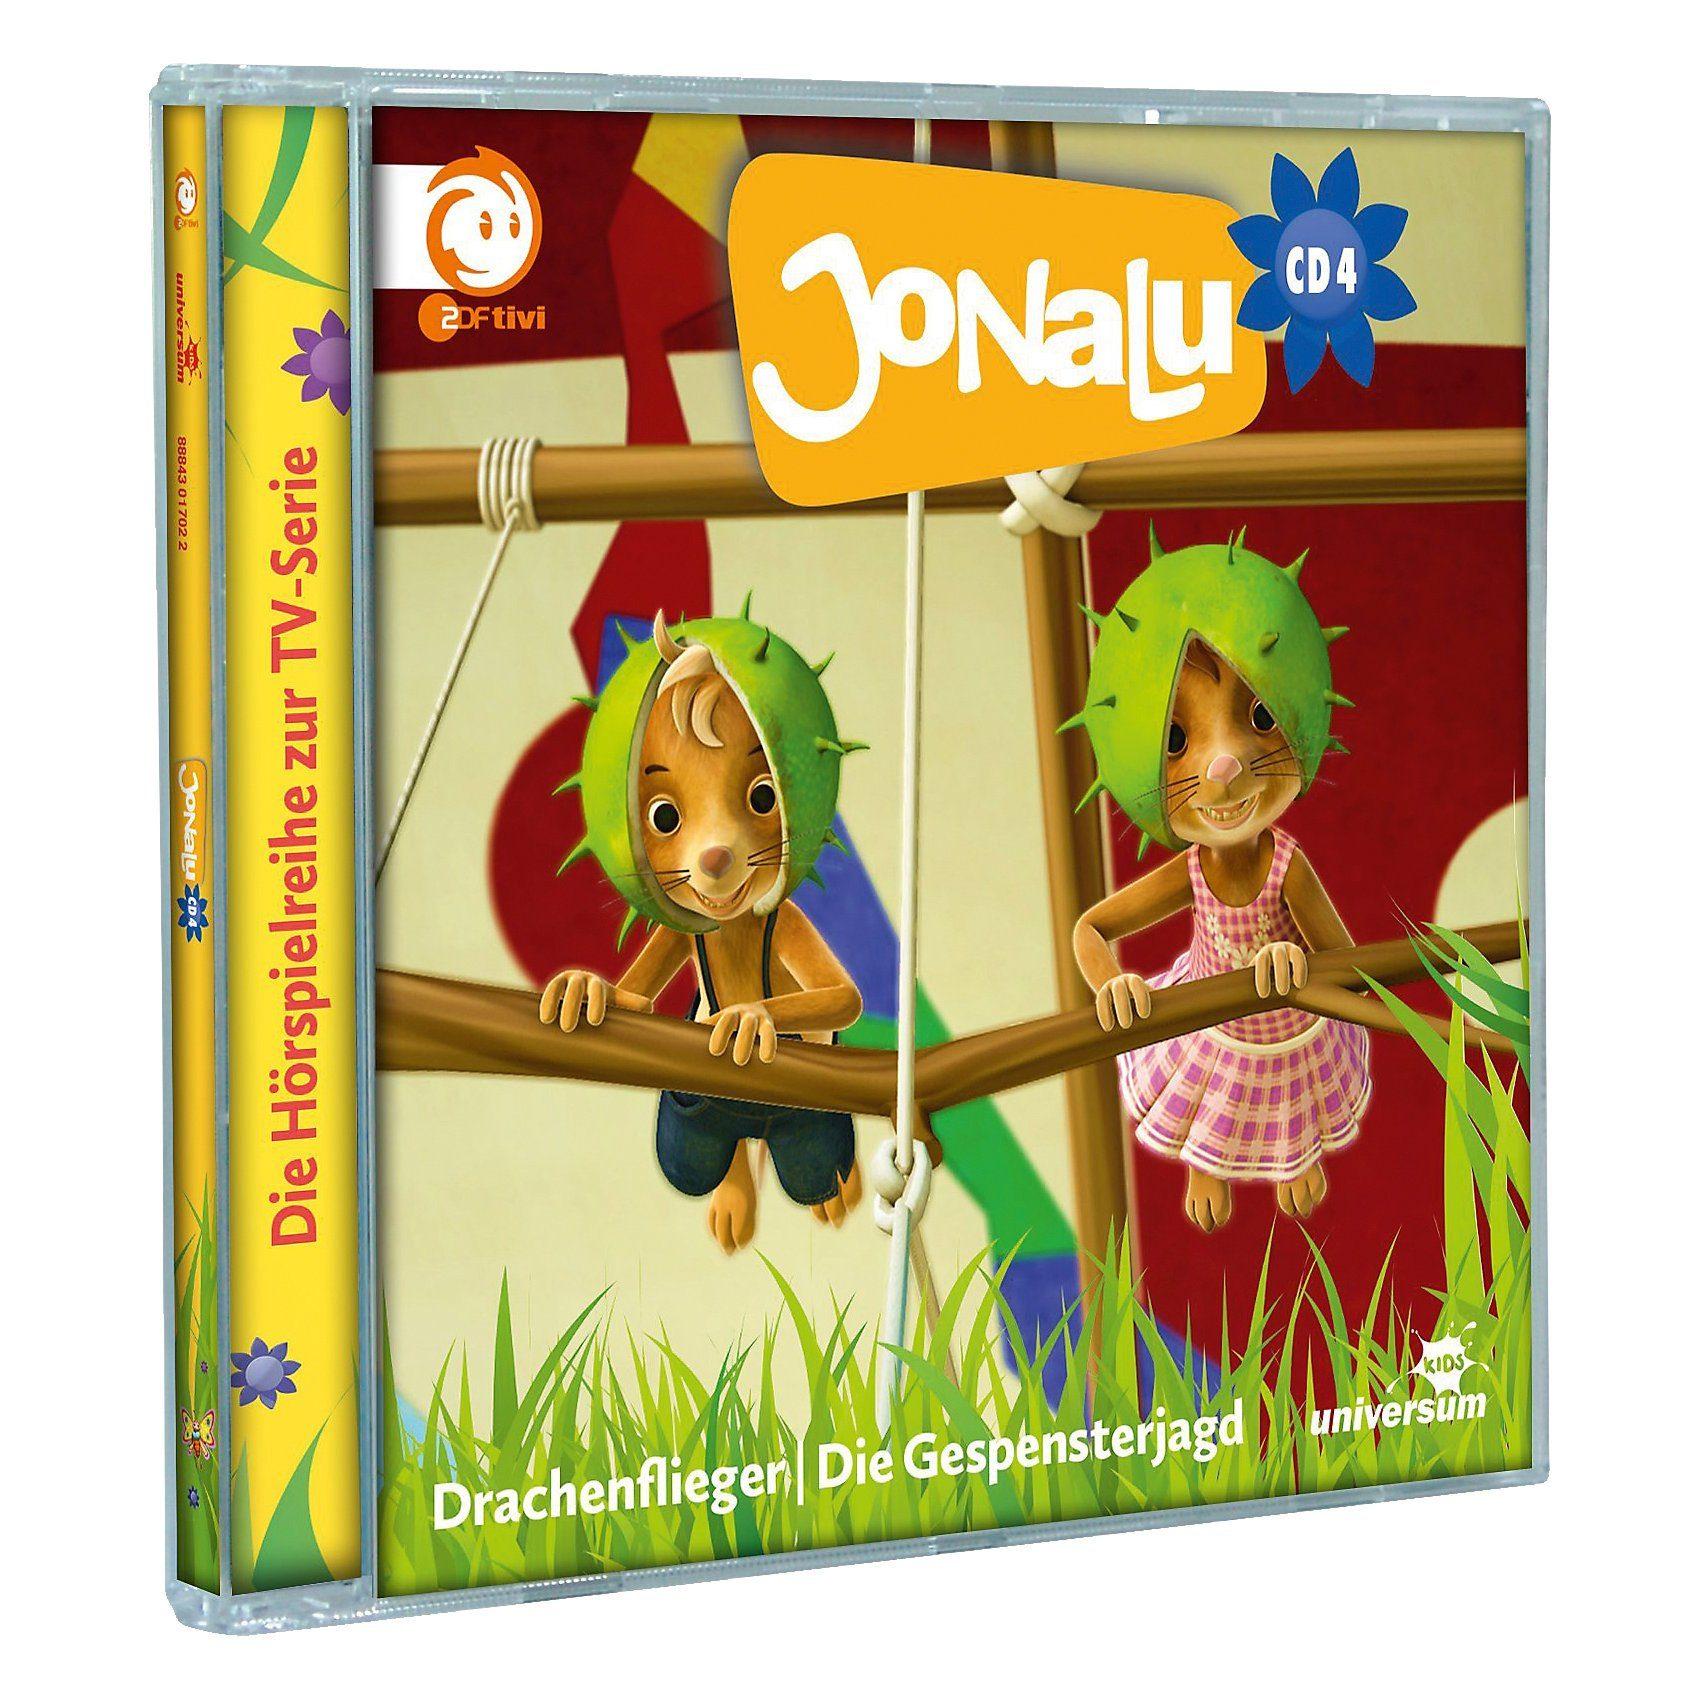 Universum CD JoNaLu 04